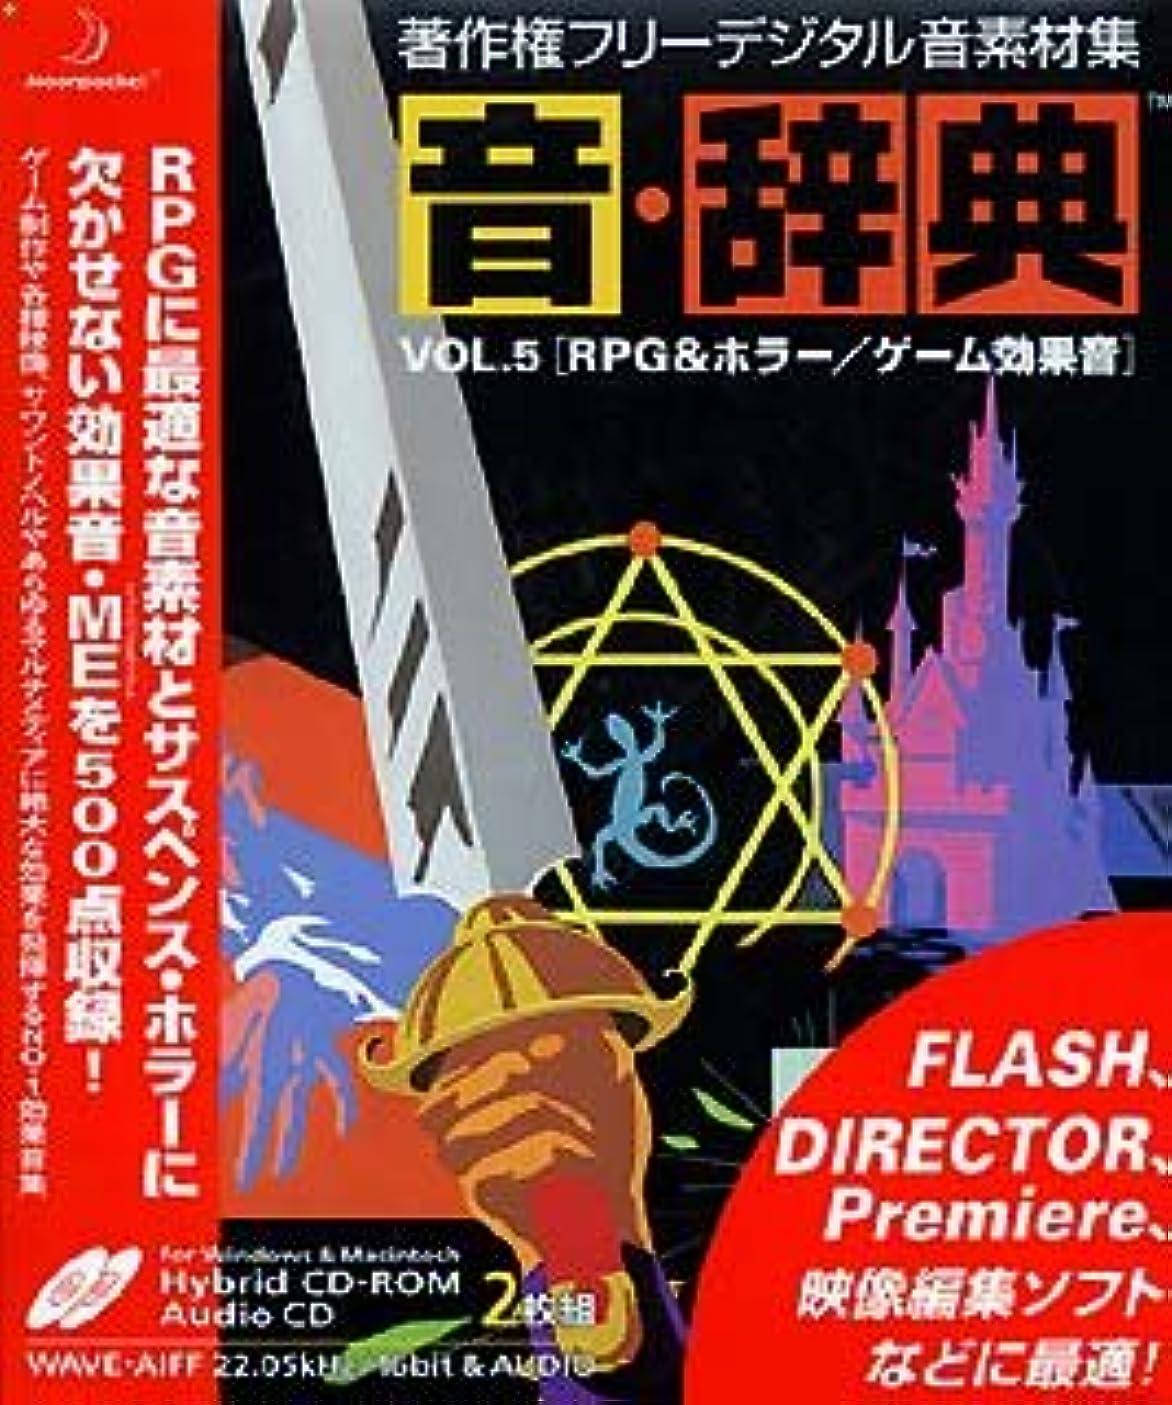 排気マイク気分が悪い音?辞典 Vol.5 RPG & ホラー/ゲーム効果音